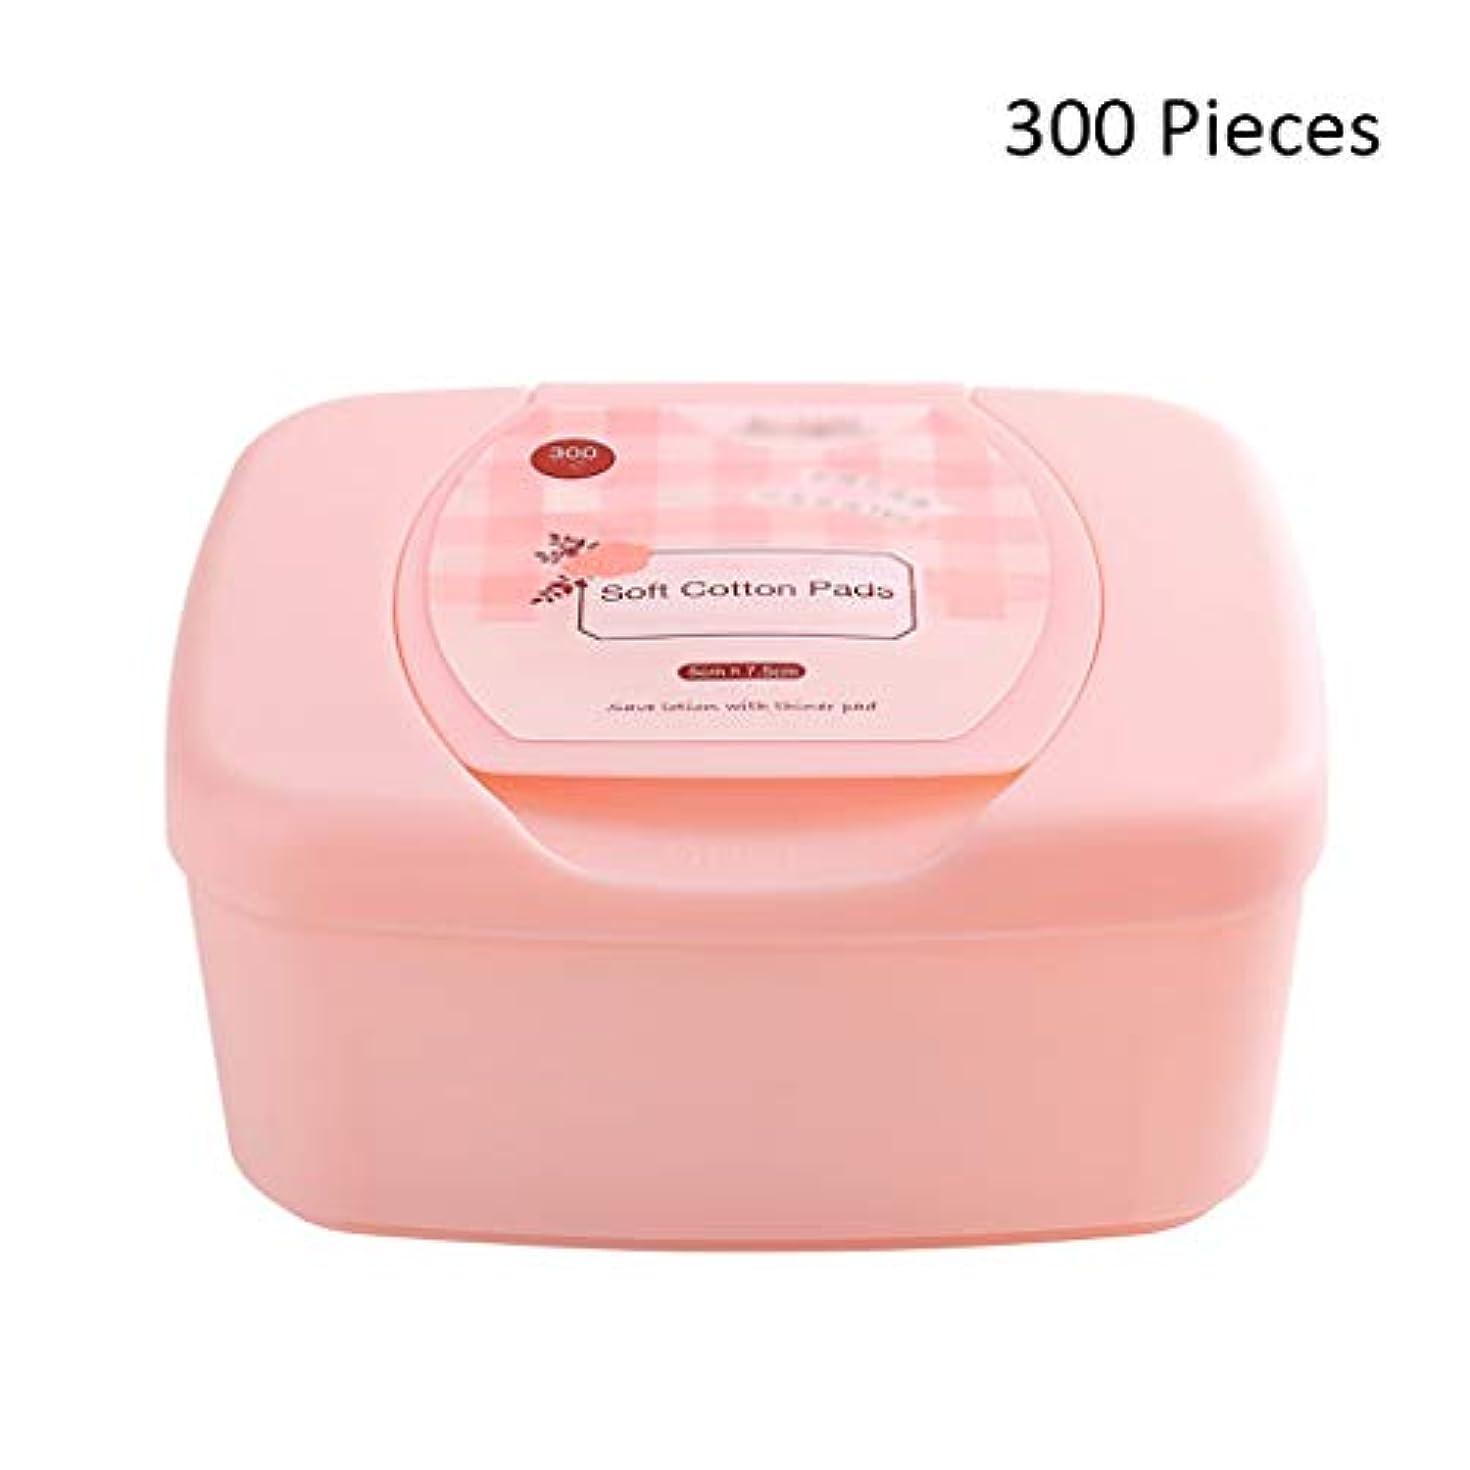 ぐるぐるコンパス唯物論300ピース抽出有機フェイスメイク落としソフトメイク落としパッド化粧品フェイスワイプマスクケアクレンジングコットン (Color : Pink, サイズ : 7.5*5cm)